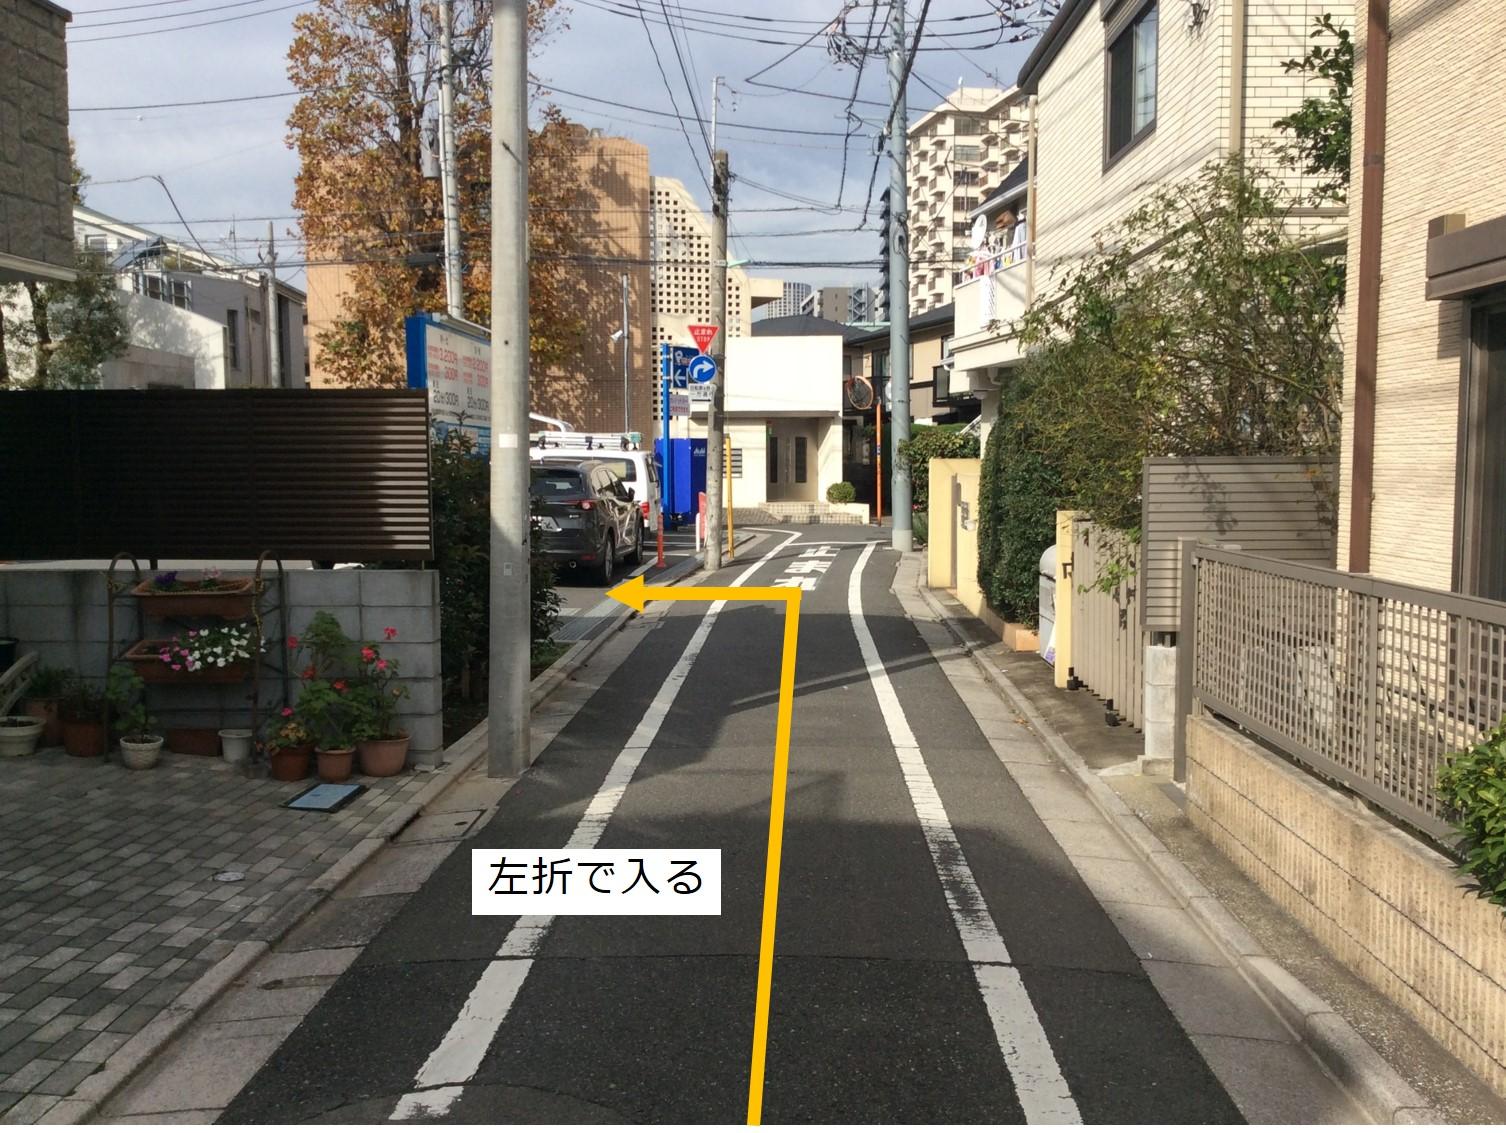 入庫経路①左折して駐車場敷地に入ります。一方通行道路の為、この道路から右折進入は出来ません。